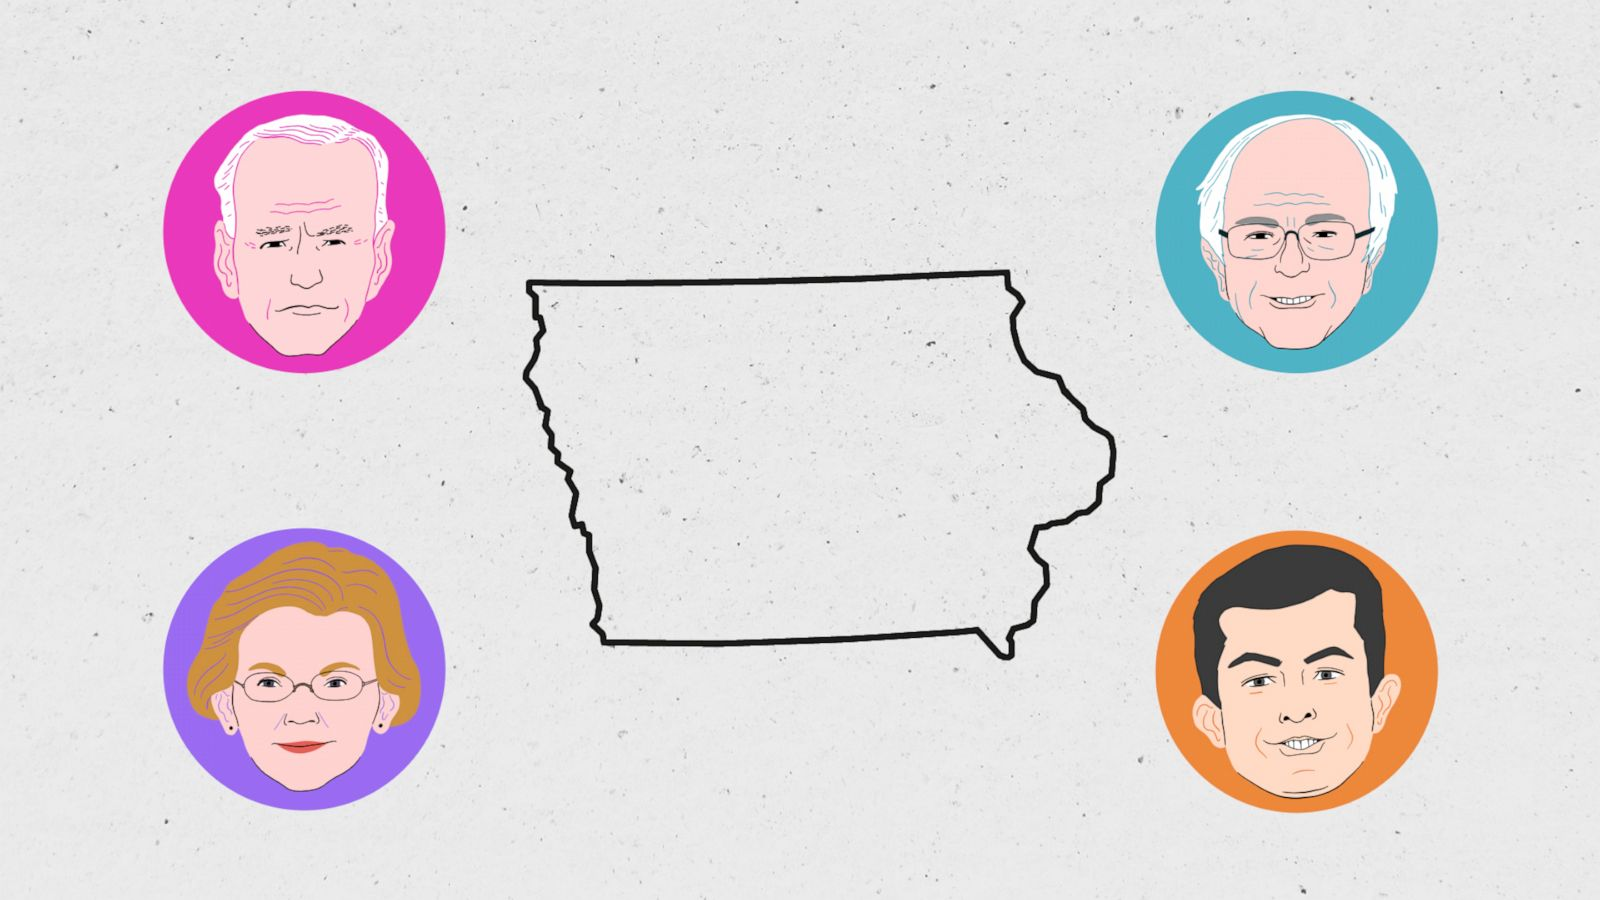 Biden, Sanders neck and neck In Iowa